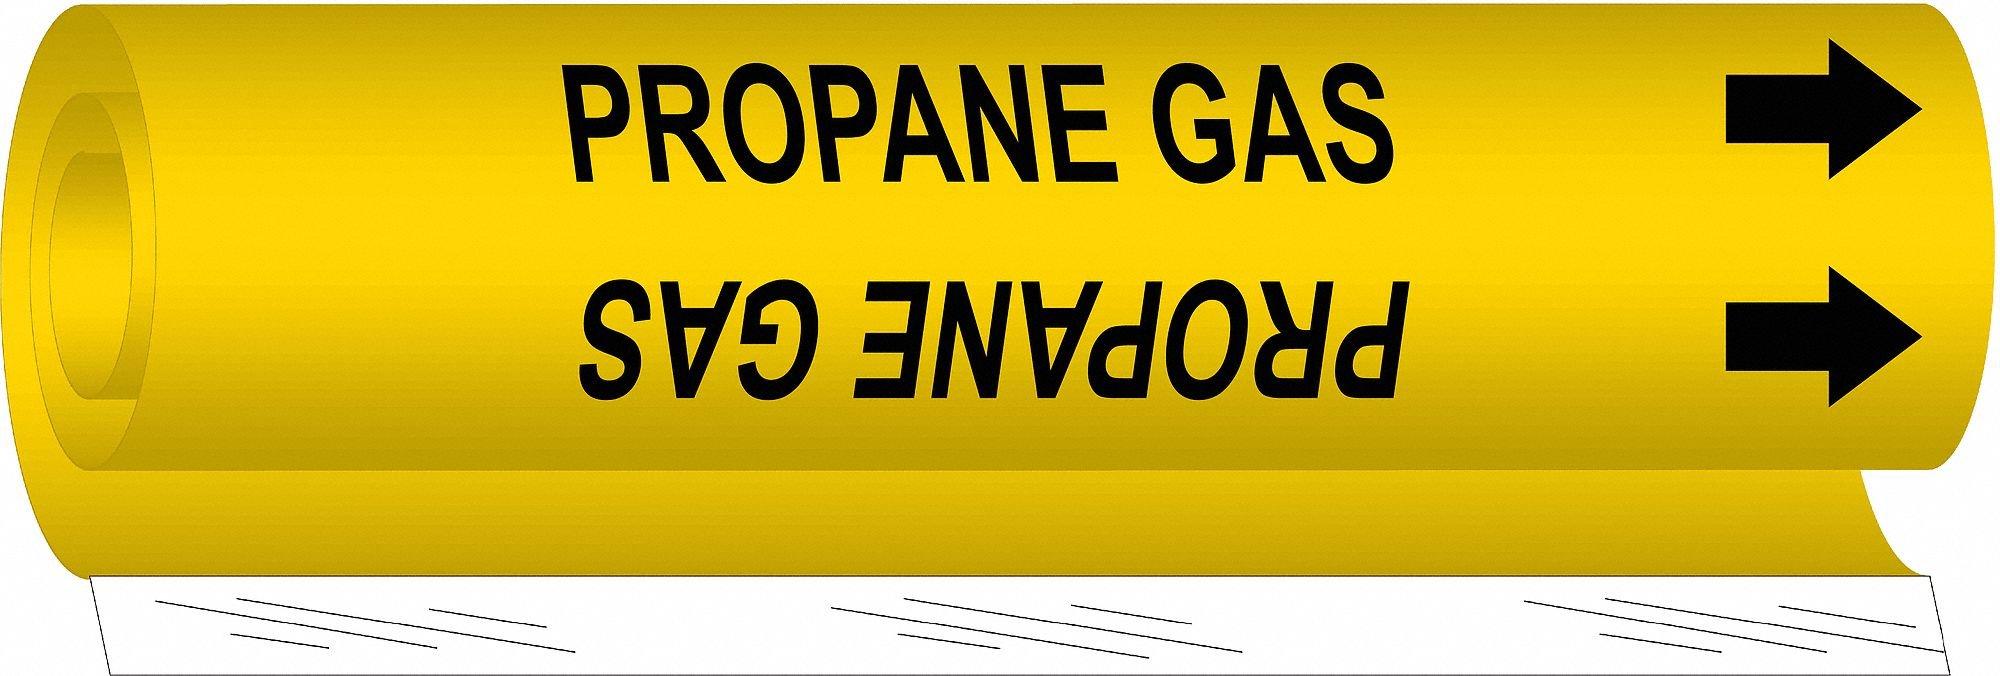 Pipe Marker,Propane Gas